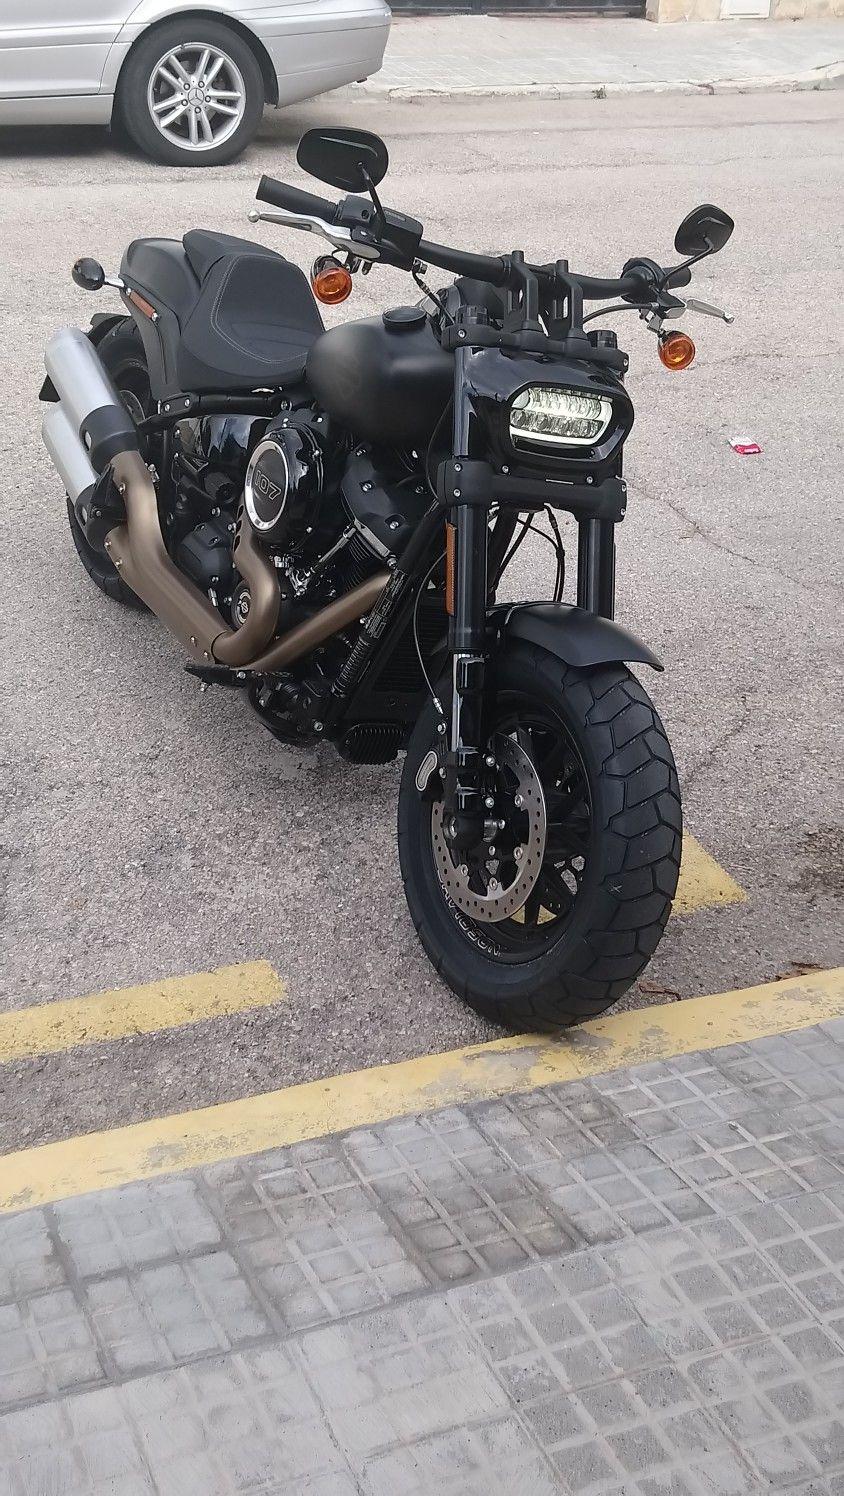 Pin de MARCOS RAMIREZ en Autos/Motos | Pinterest | Motocicleta, Me ...